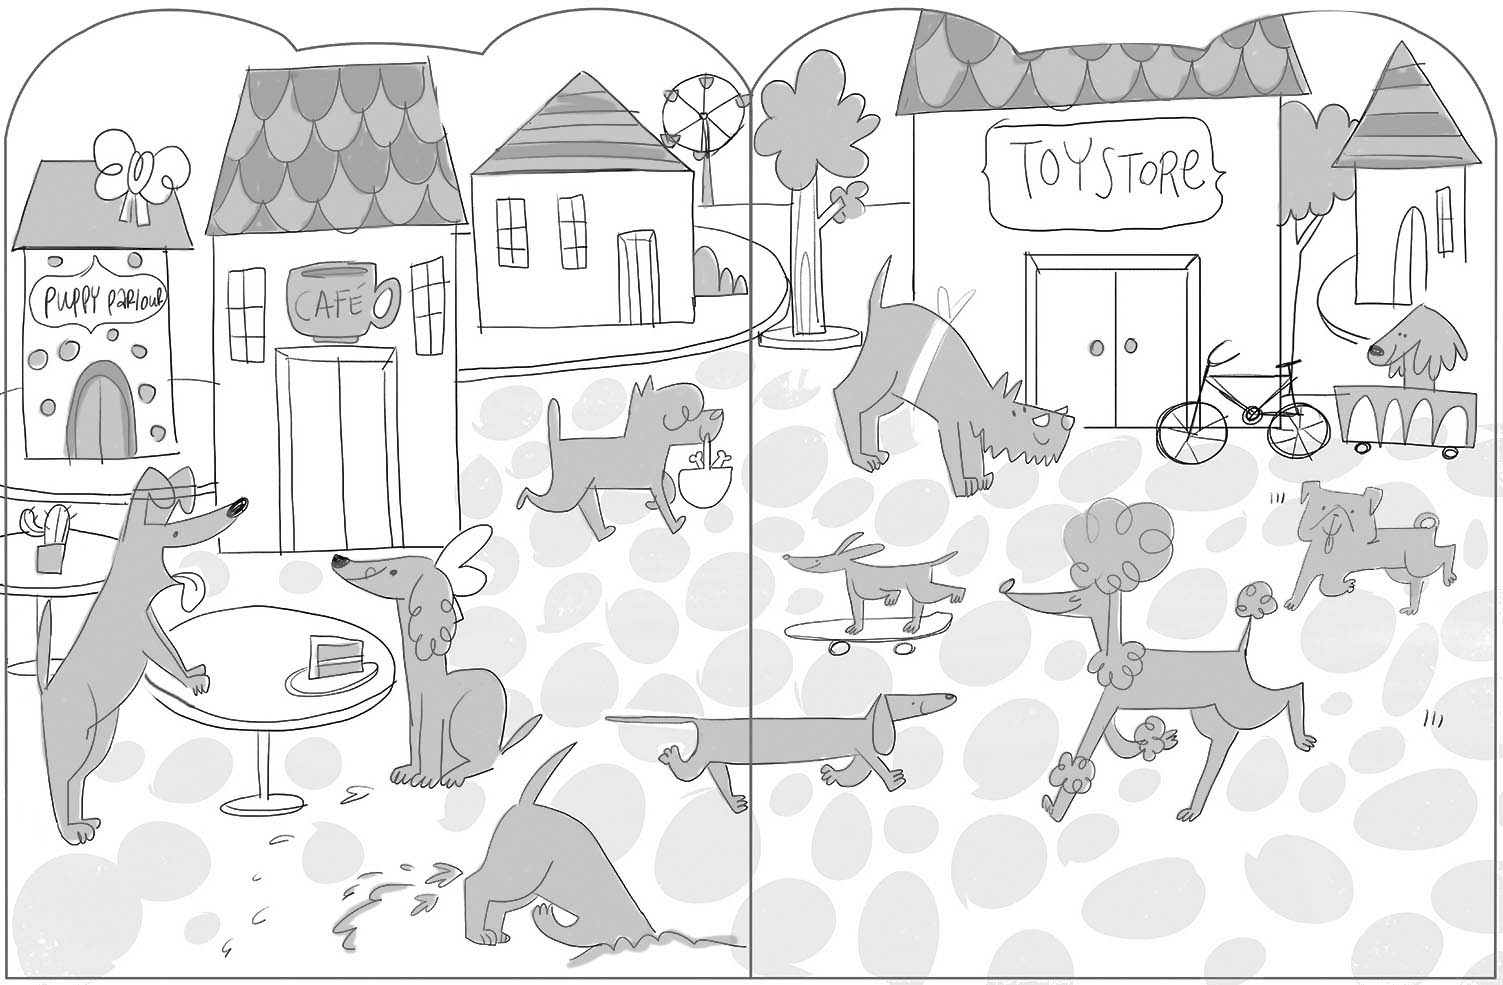 Sticker Friends Puppy spreads.indd